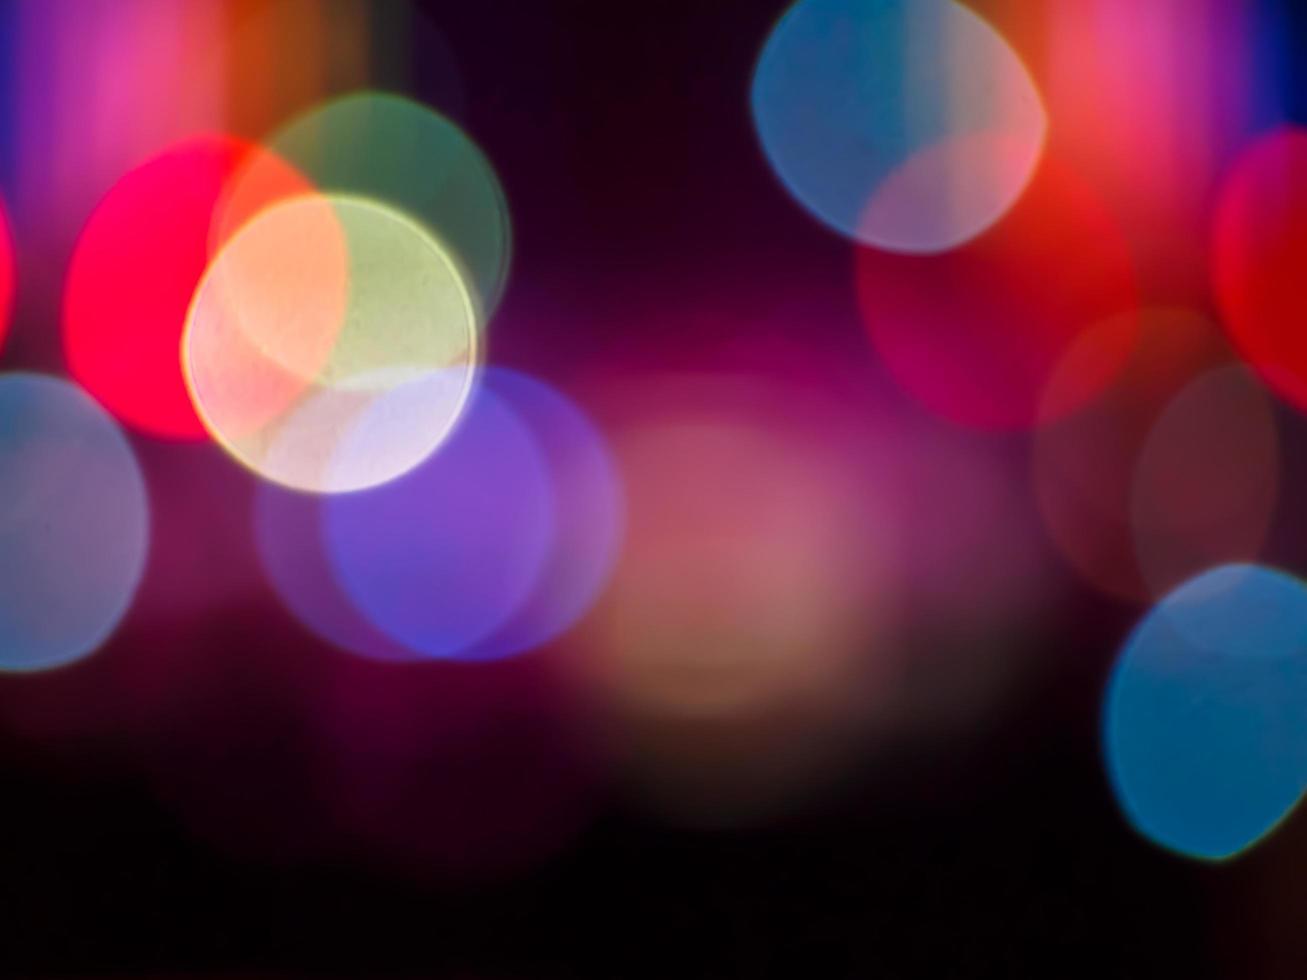 lumières bokeh douces sur fond sombre photo